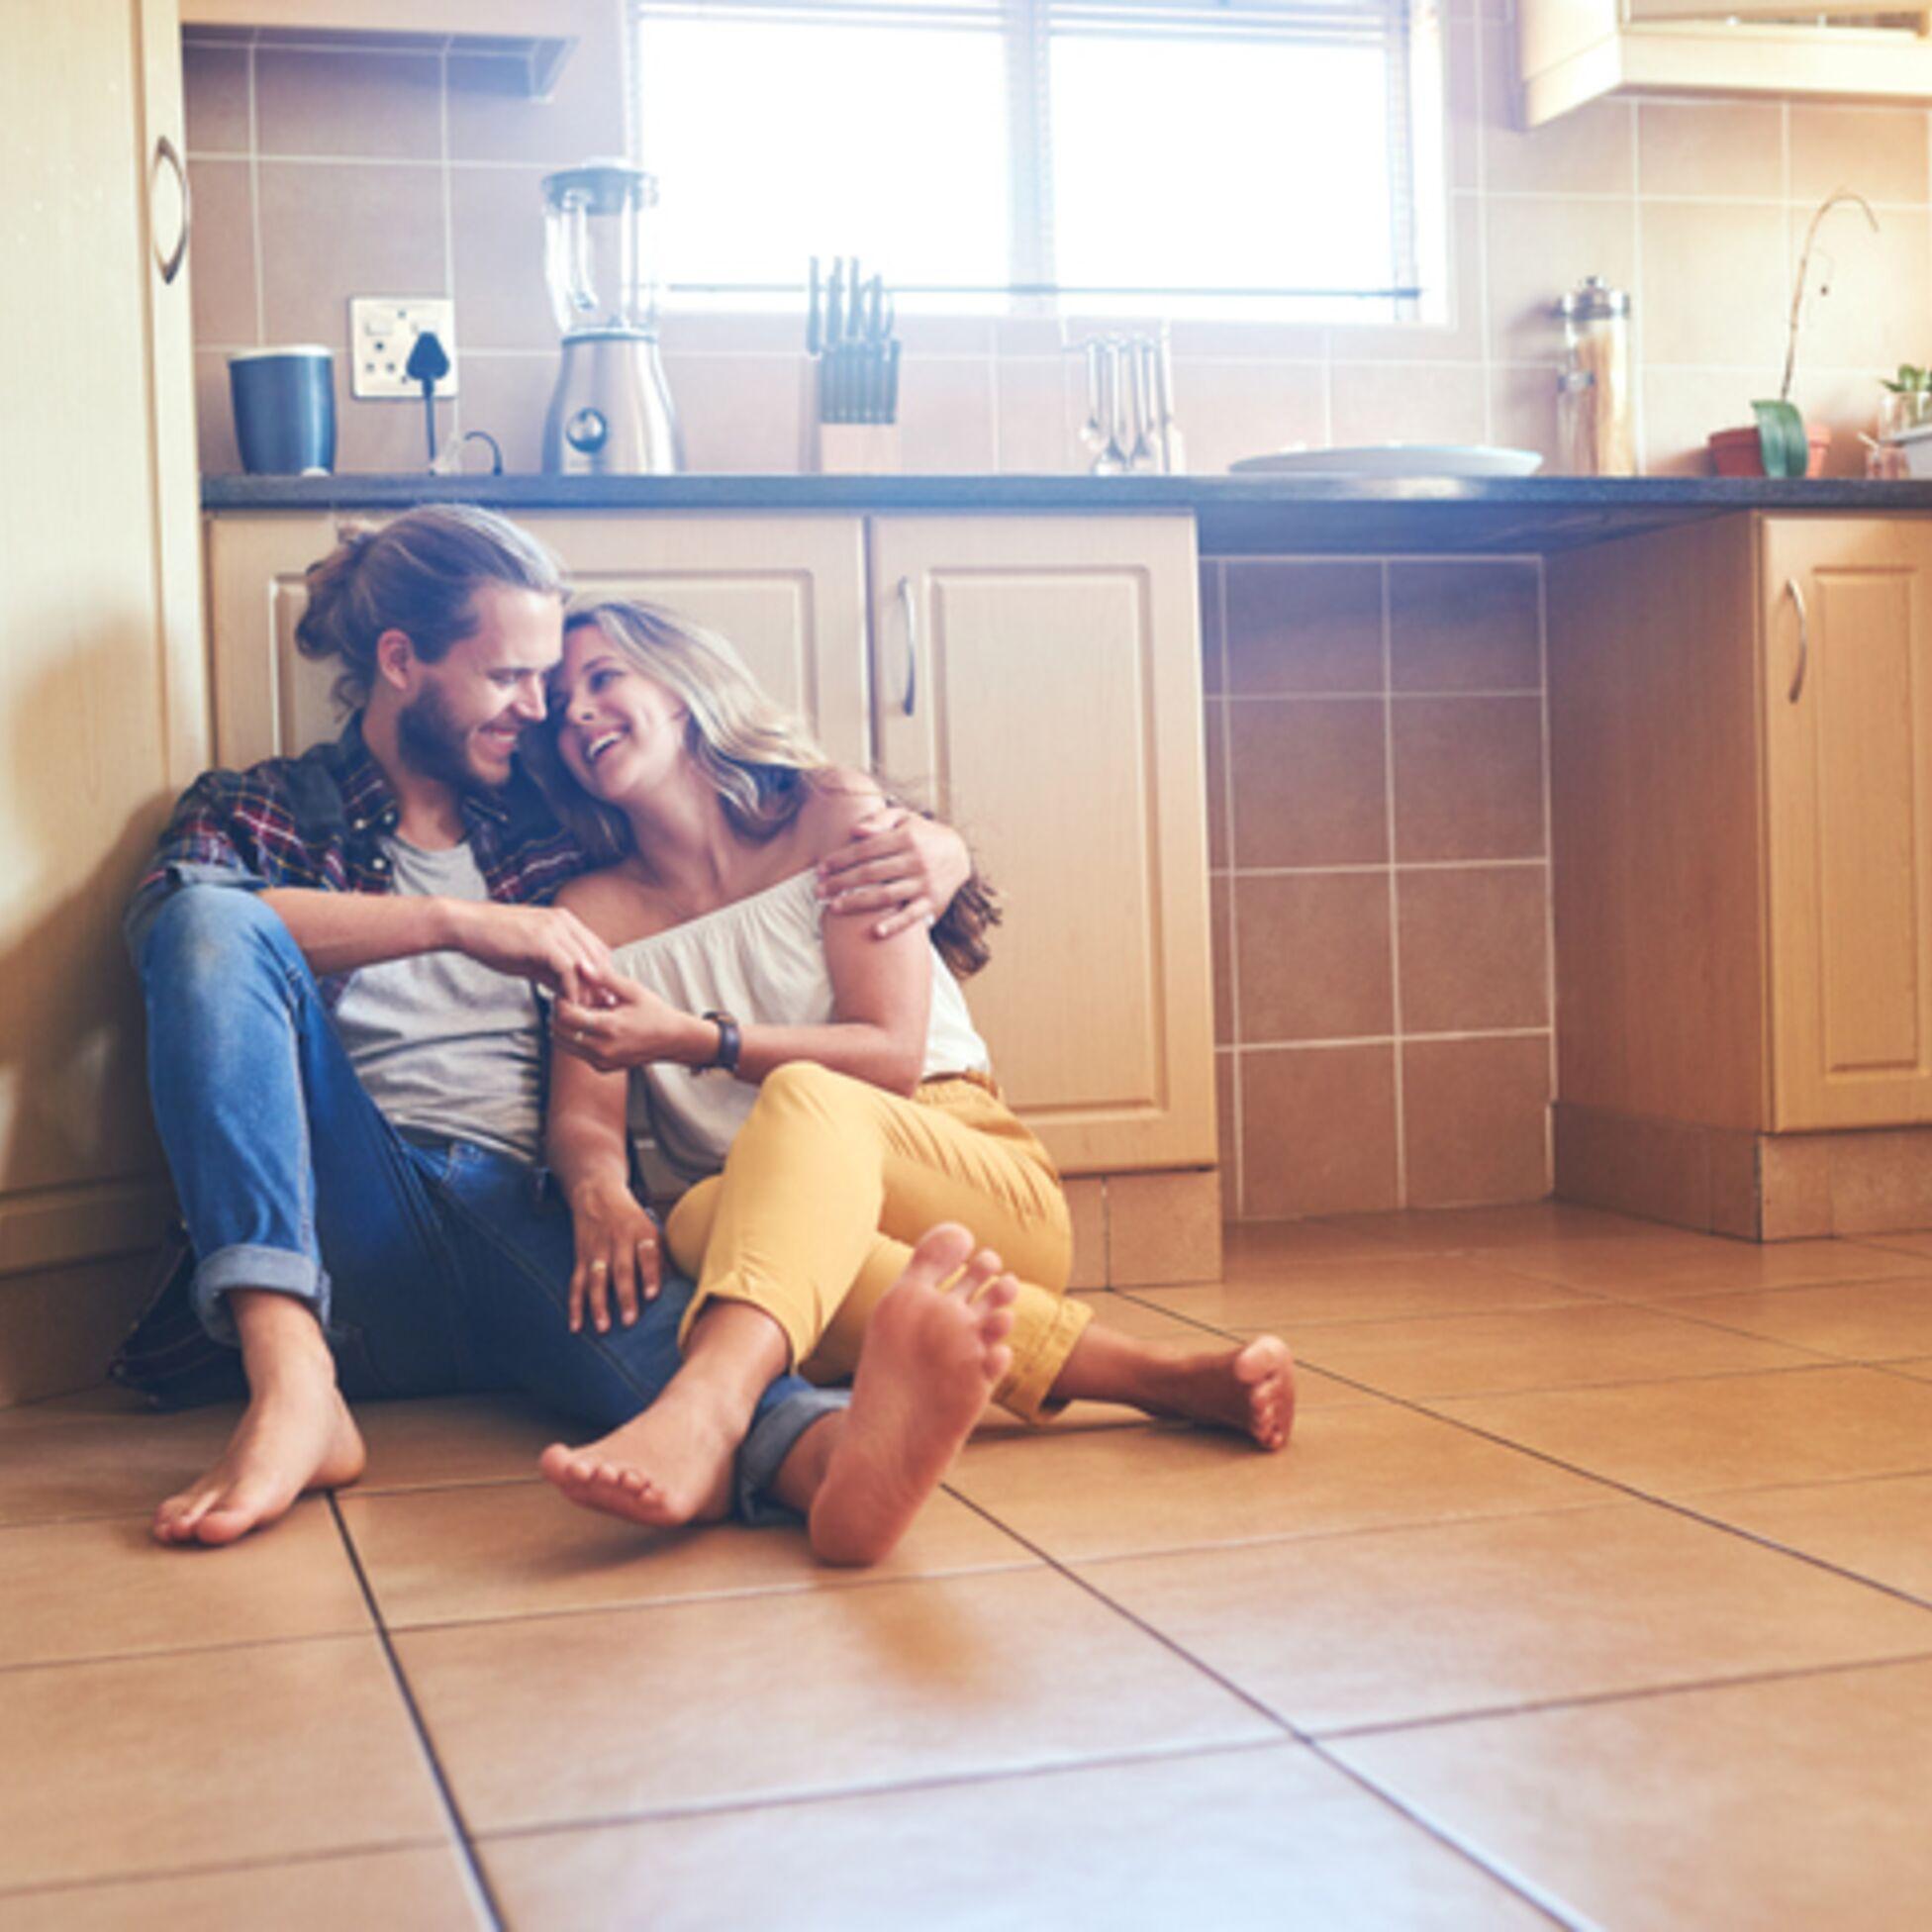 Paar auf Boden mit Fußbodenheizung